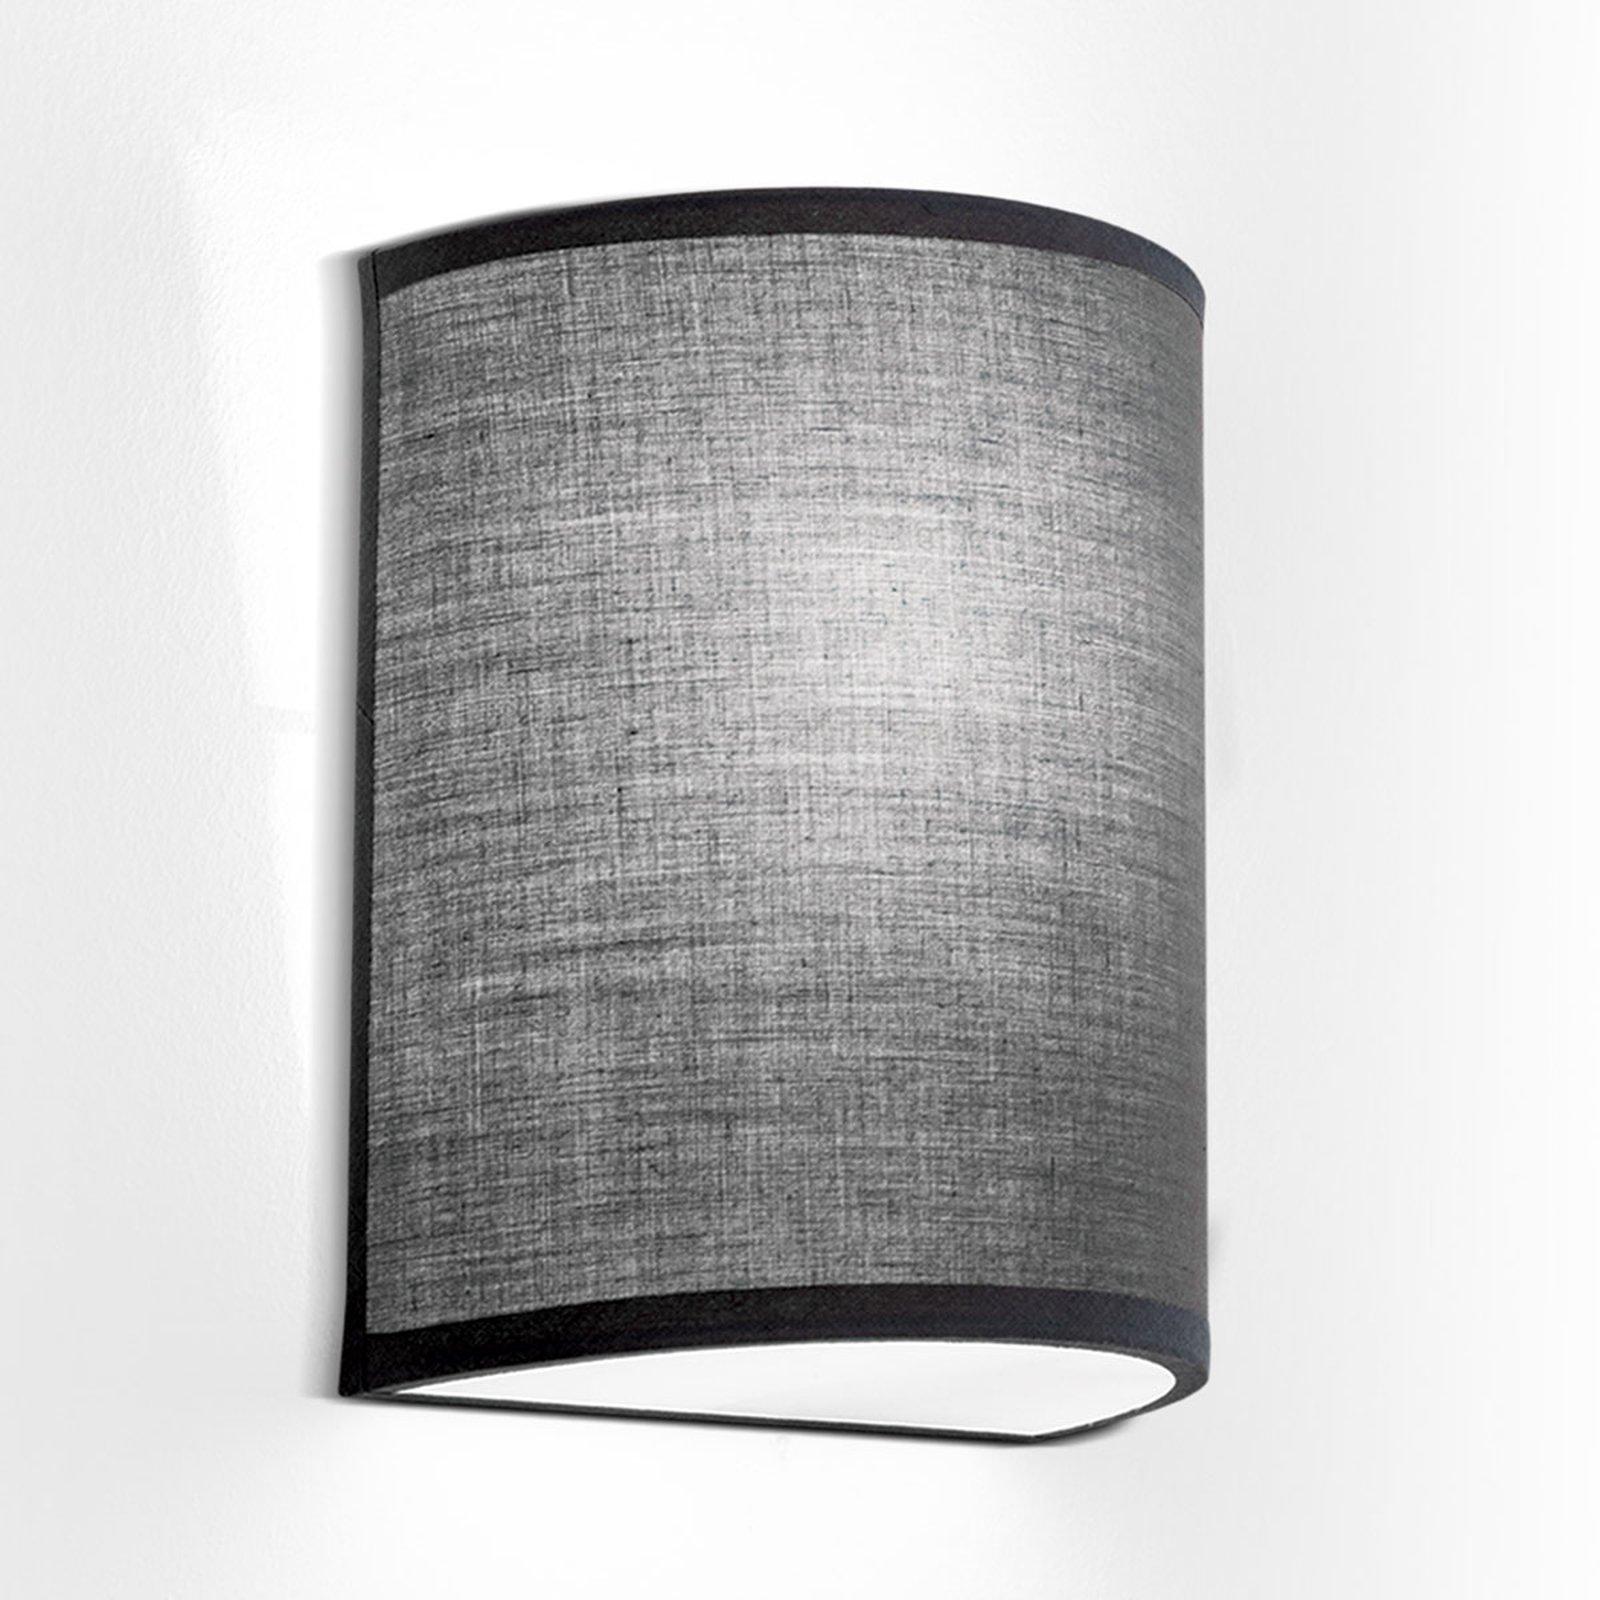 Vegglampe Ufo med linskjerm i grå